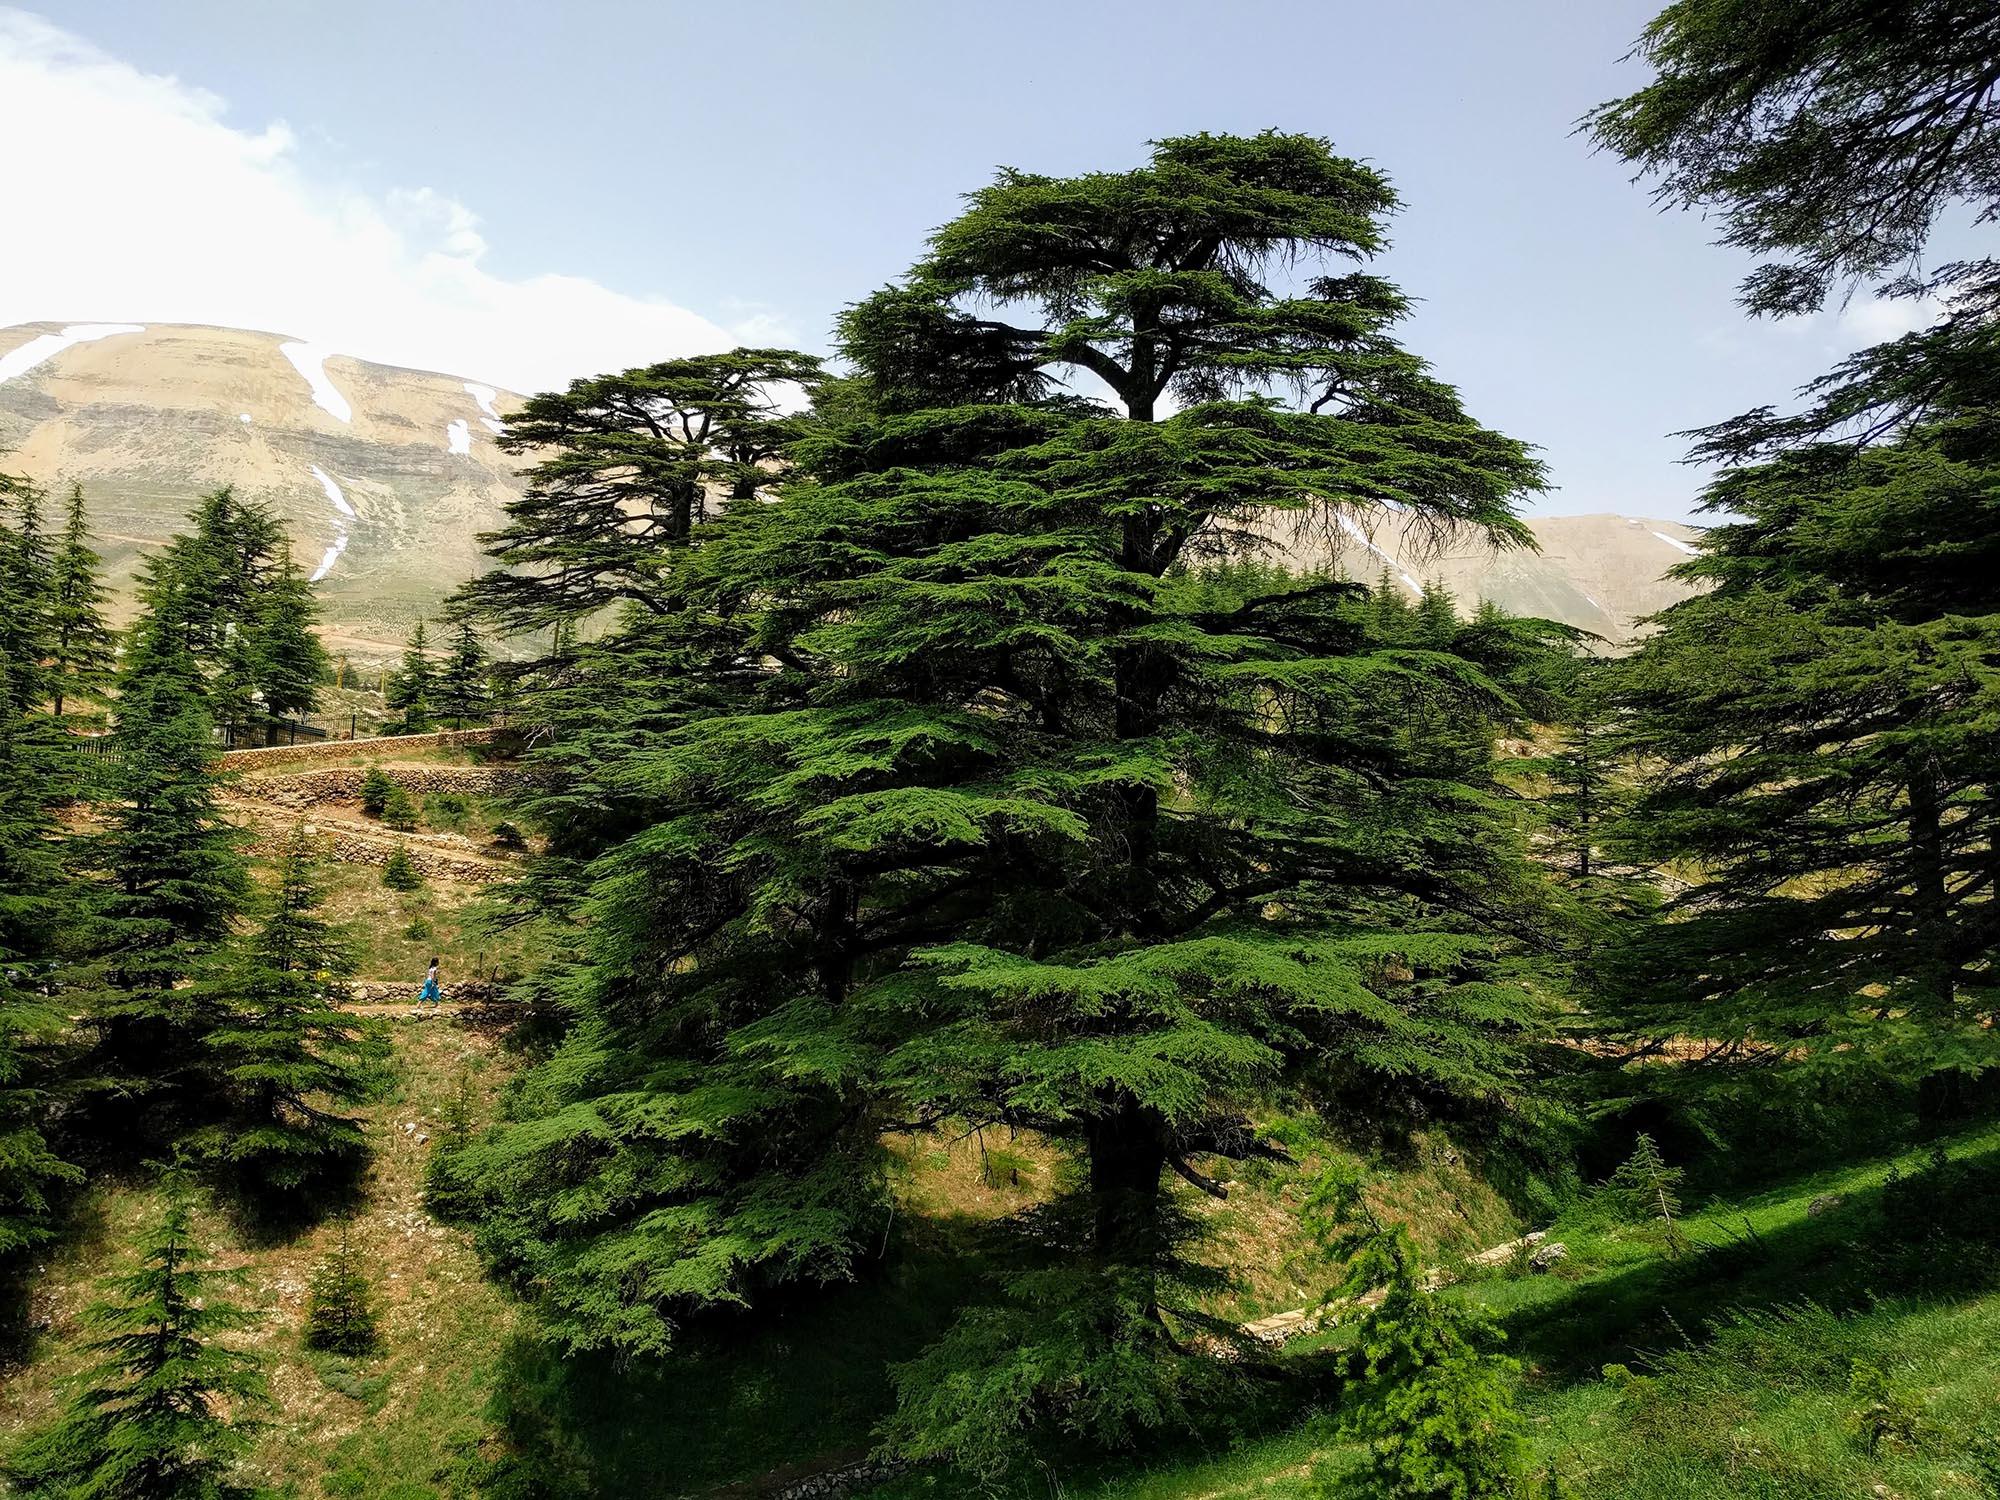 Cederbomen Libanon